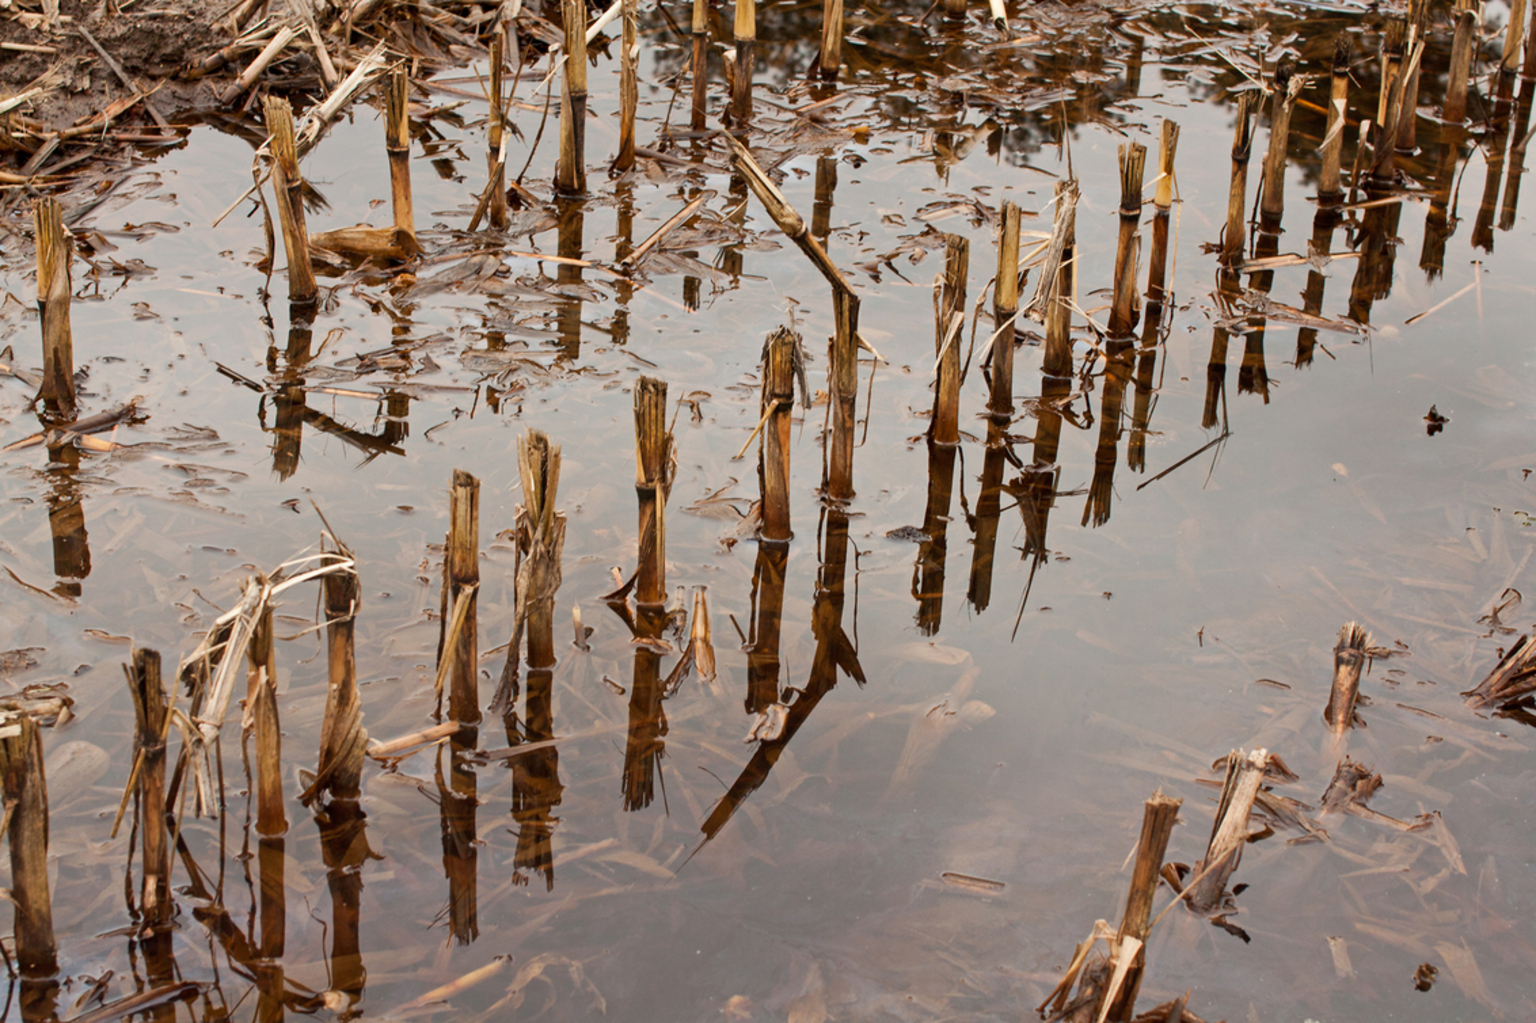 Verzopen maisstoppels - Regen, regen, regen, regen… wat een nattigheid viel er toch naar beneden de laatste tijd … het levert wel stof tot mooie plaatjes als je tussendoor t - foto door kosmopol op 24-01-2012 - deze foto bevat: nat, mais, veld, plas, kosmopol